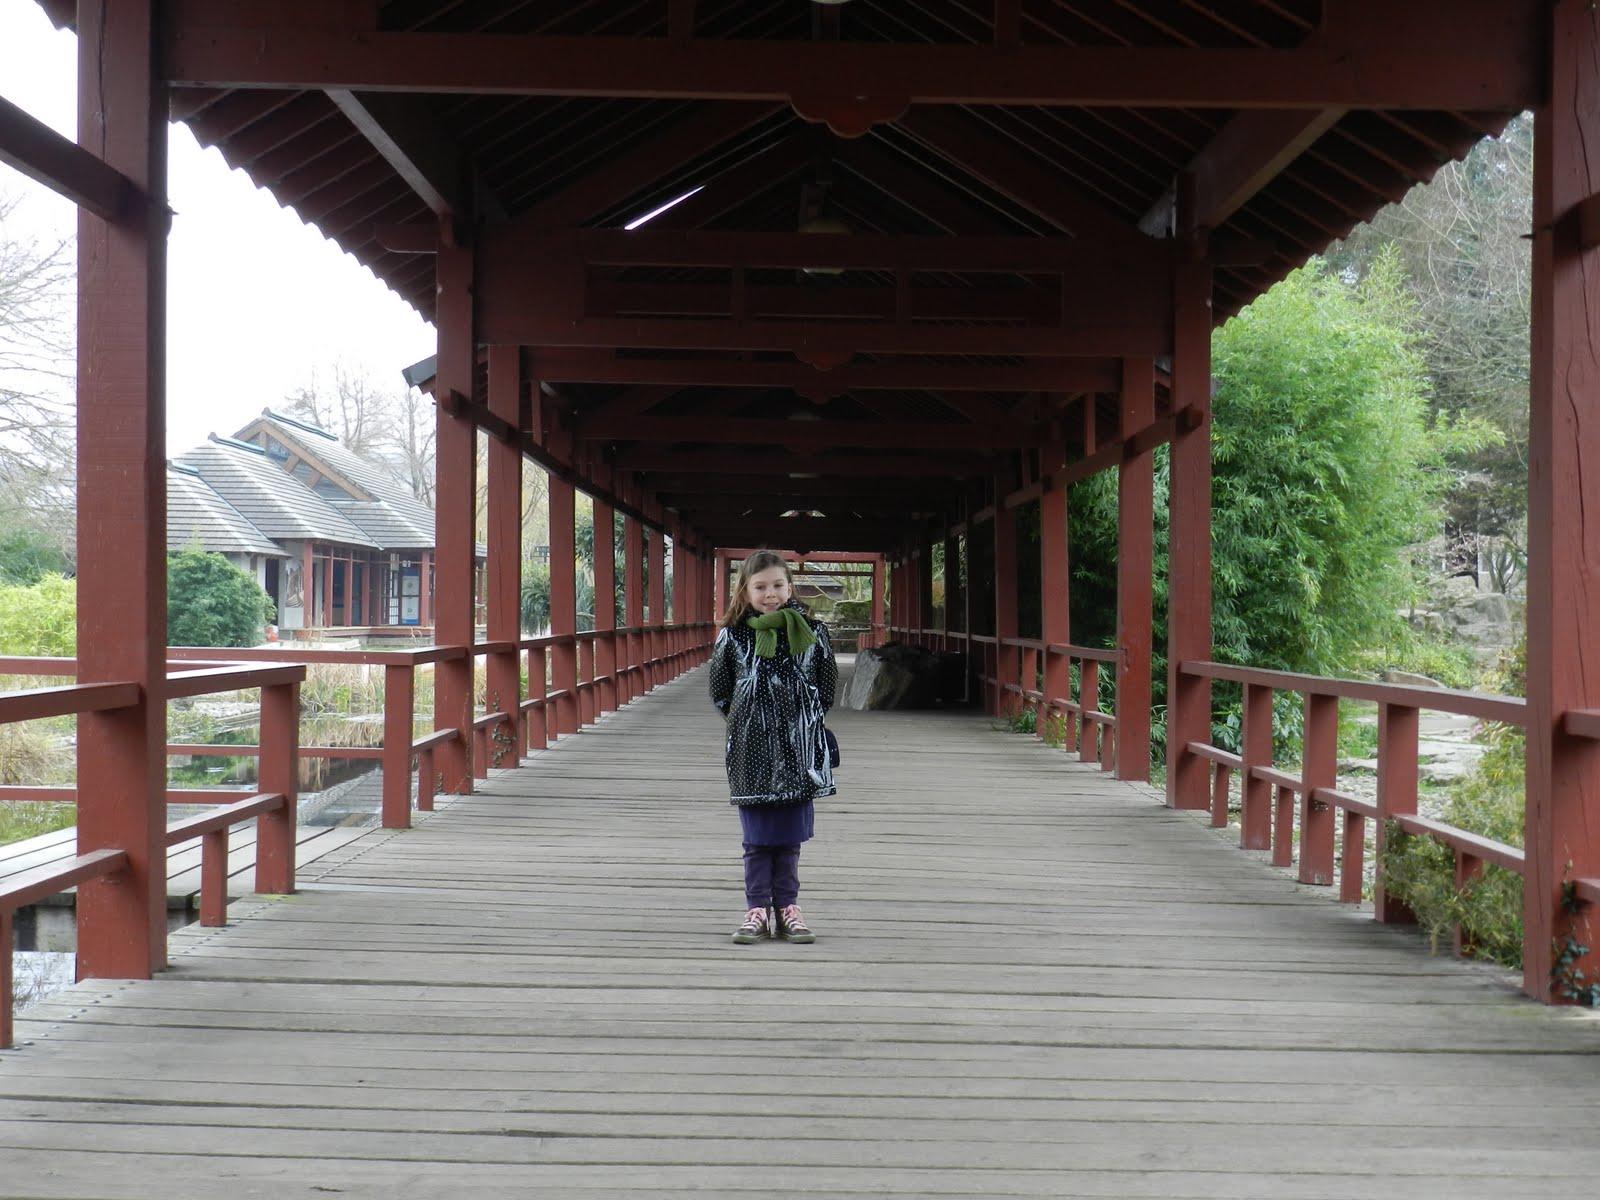 La pierre et la plume jardin japonais de la ville de nantes for Jardin japonais nantes